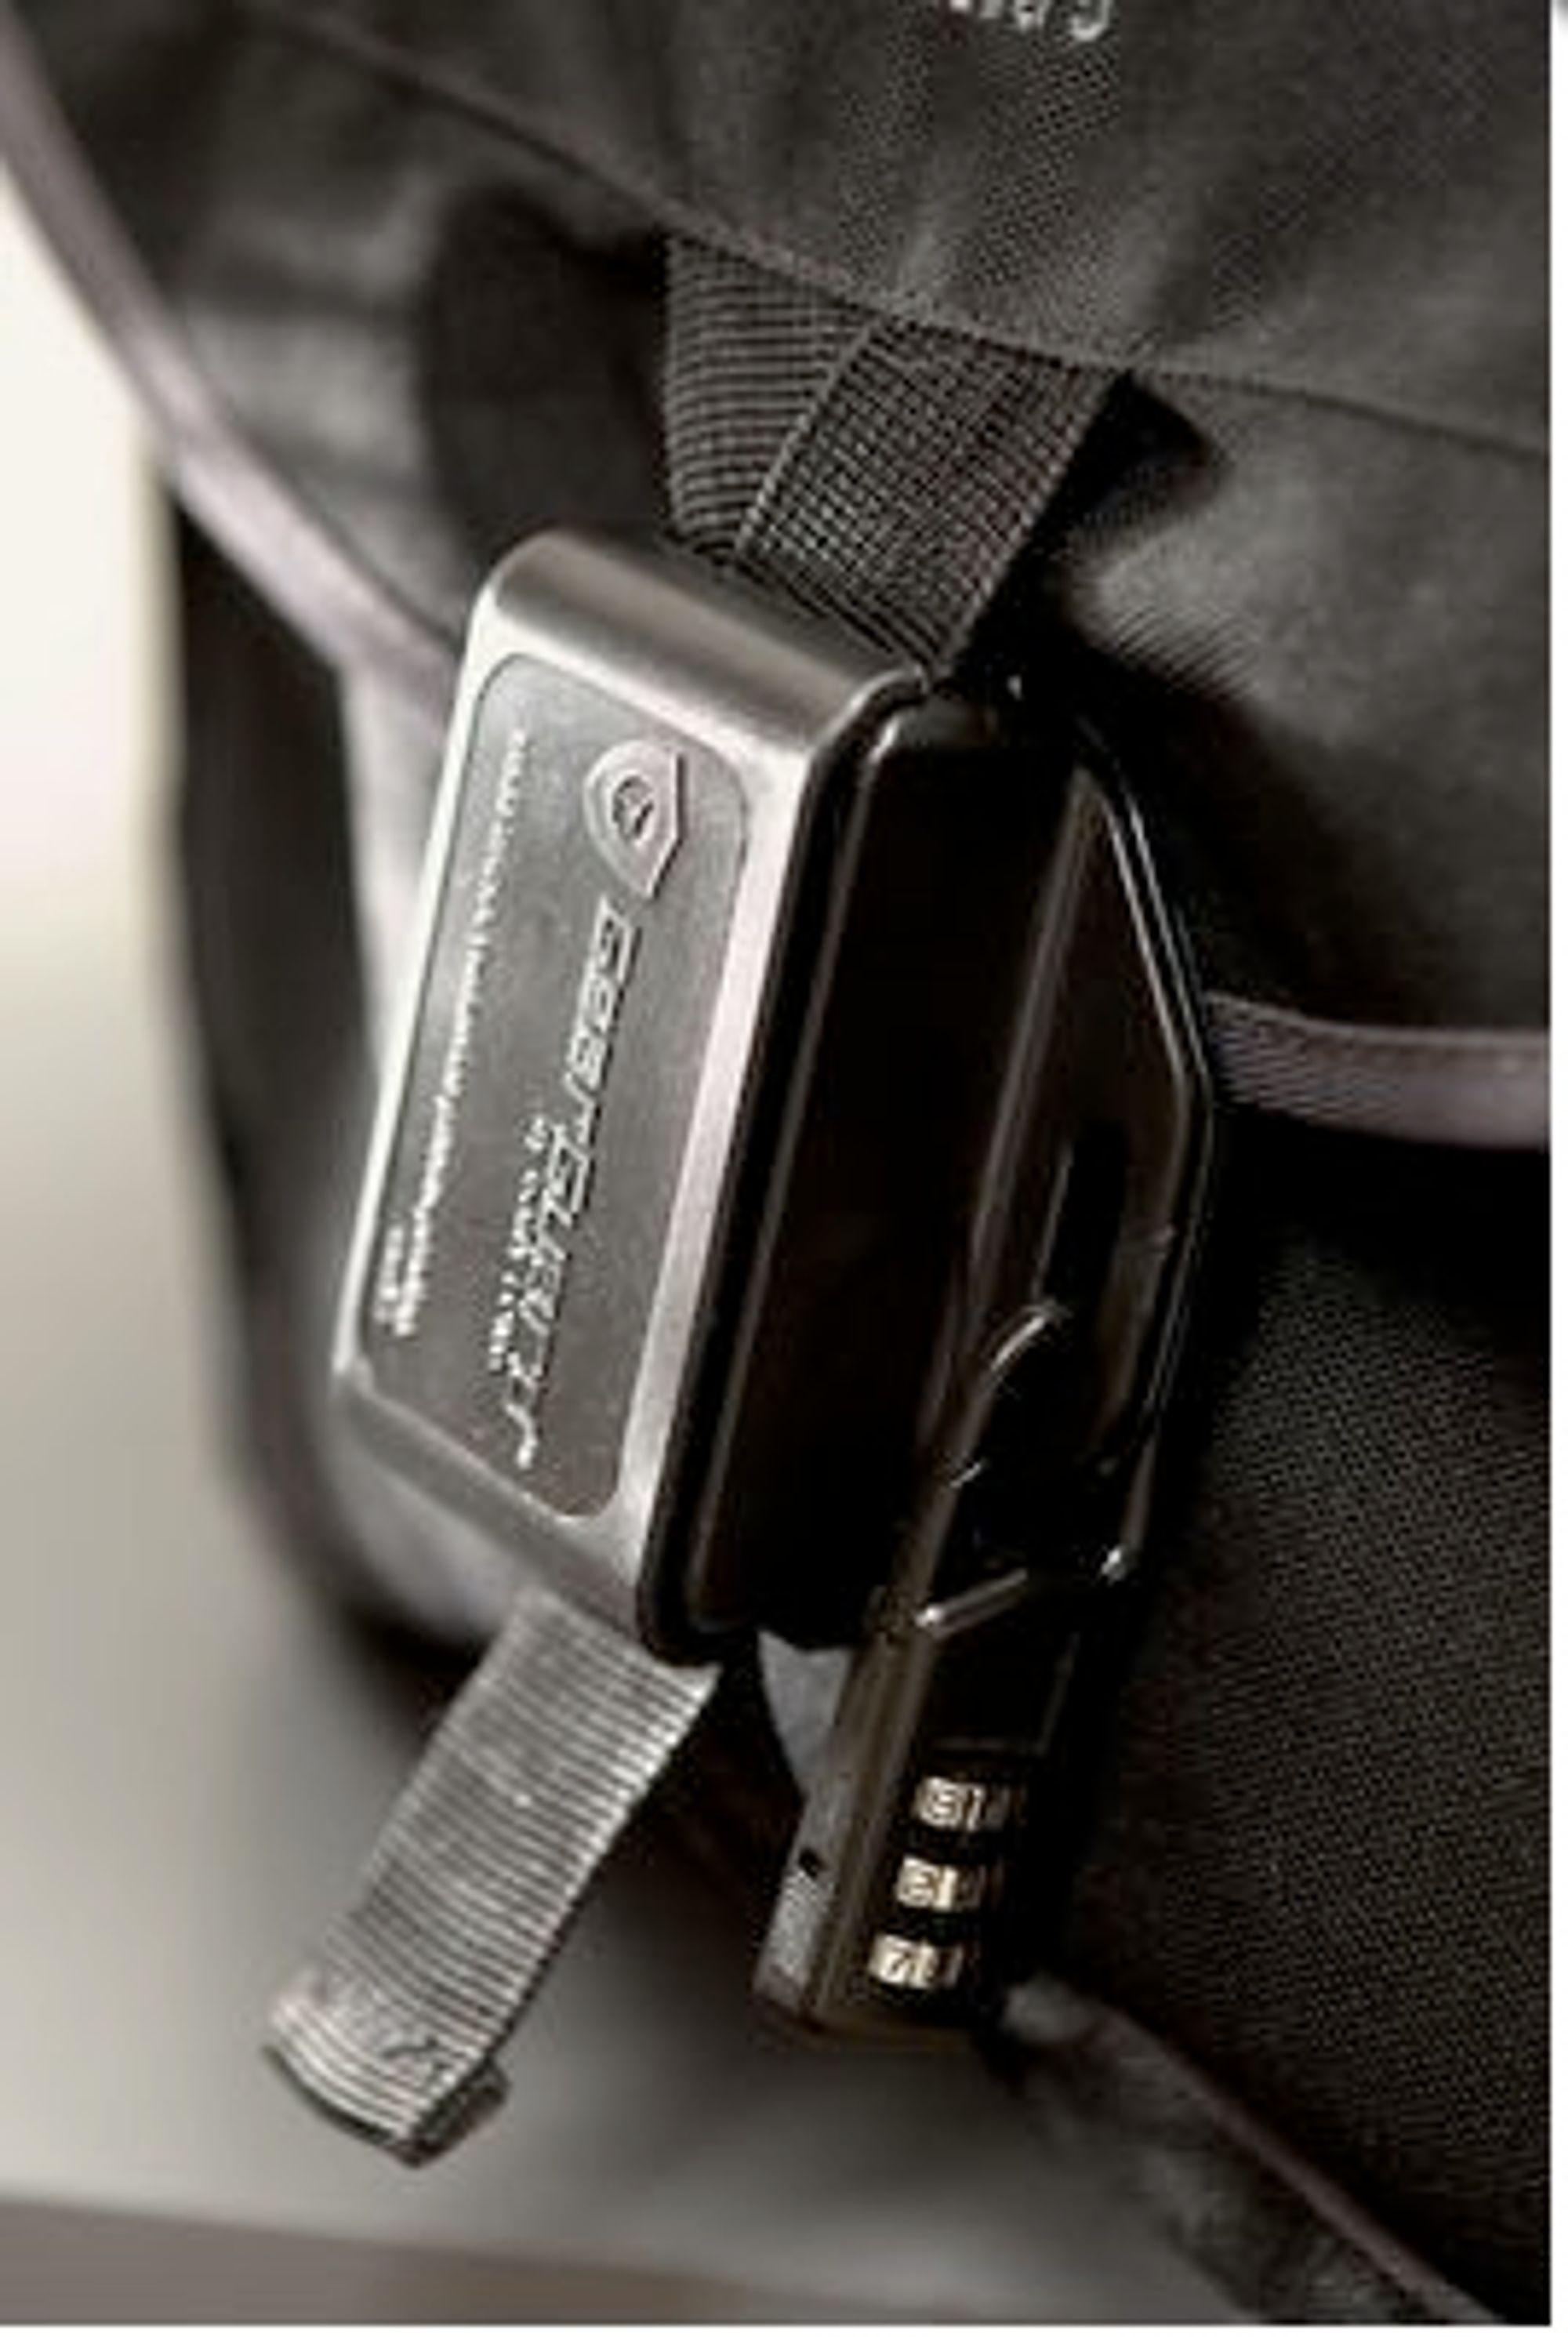 Sikrer kameraet: Med denne baglåsen må tyven bruke en skarp gjenstand for å få tilgang på kameraet. Foto: Gary Fong.com